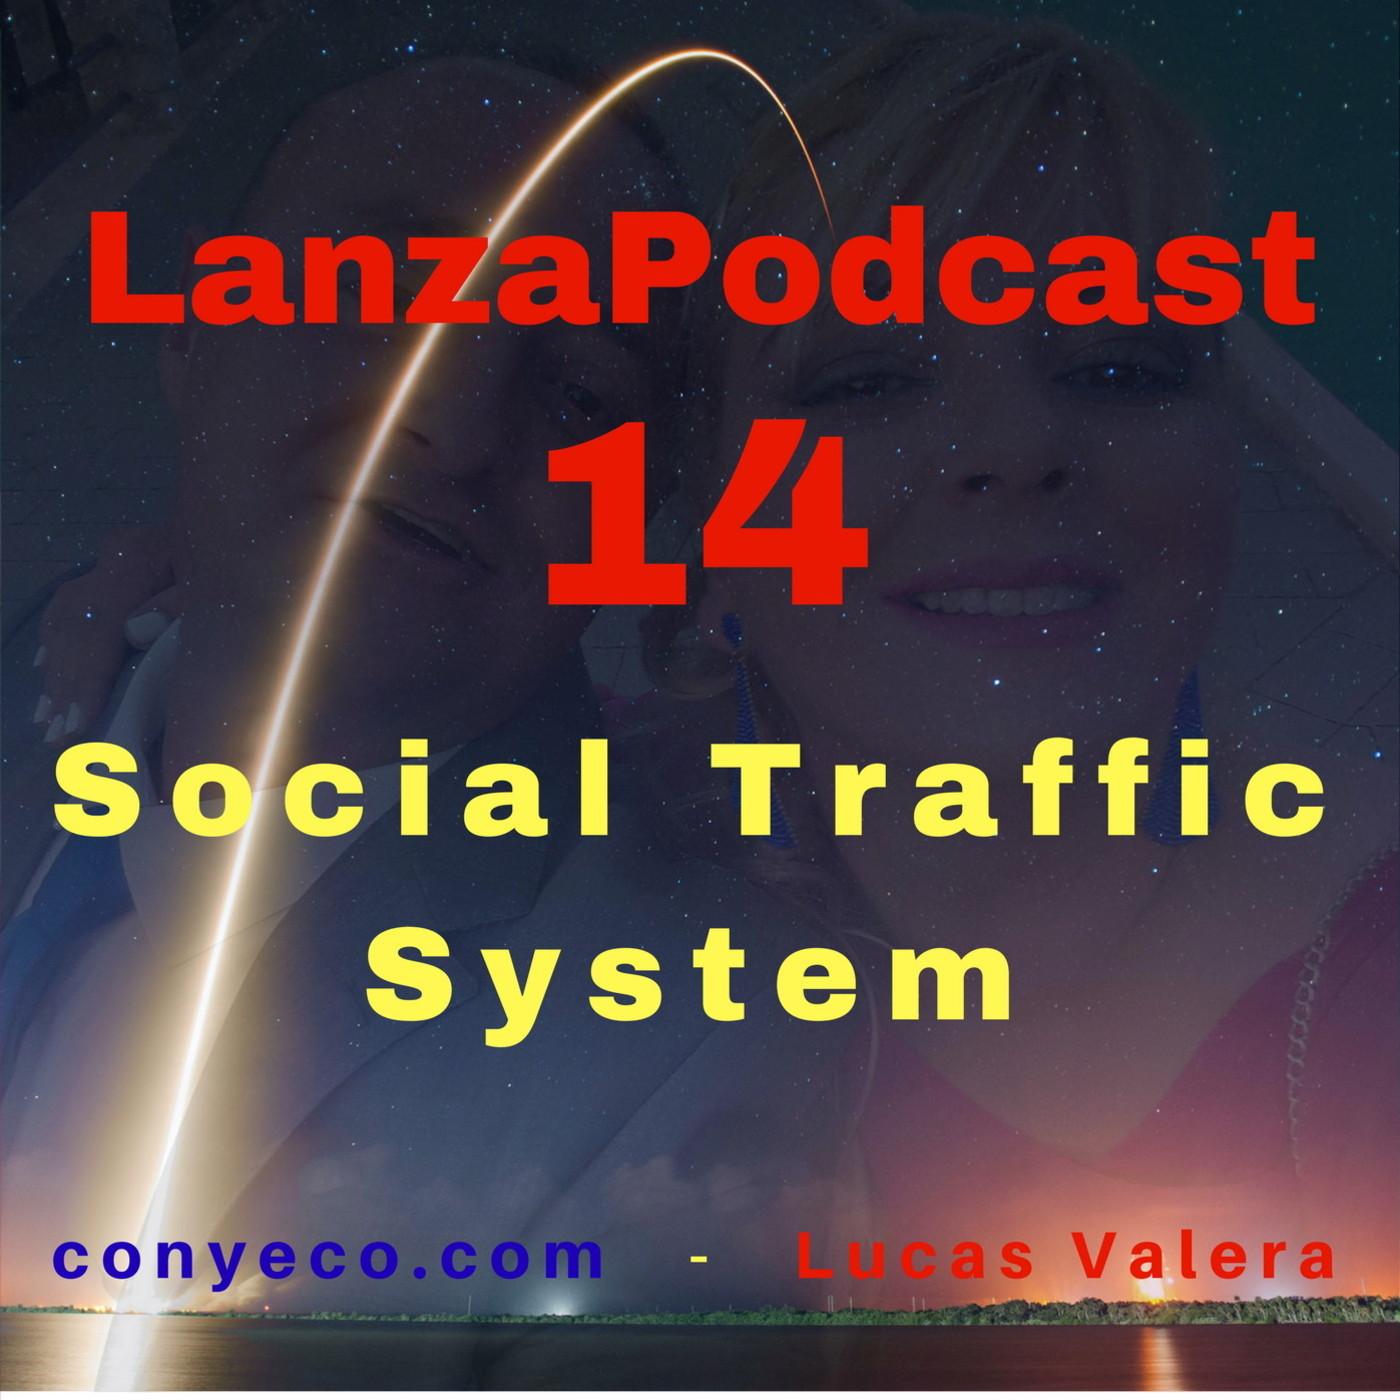 LanzaPodcast 14 Social Traffic System - Dos Softwares para Publicar Imágenes Virales, Clickables y con Enlaces Encub...